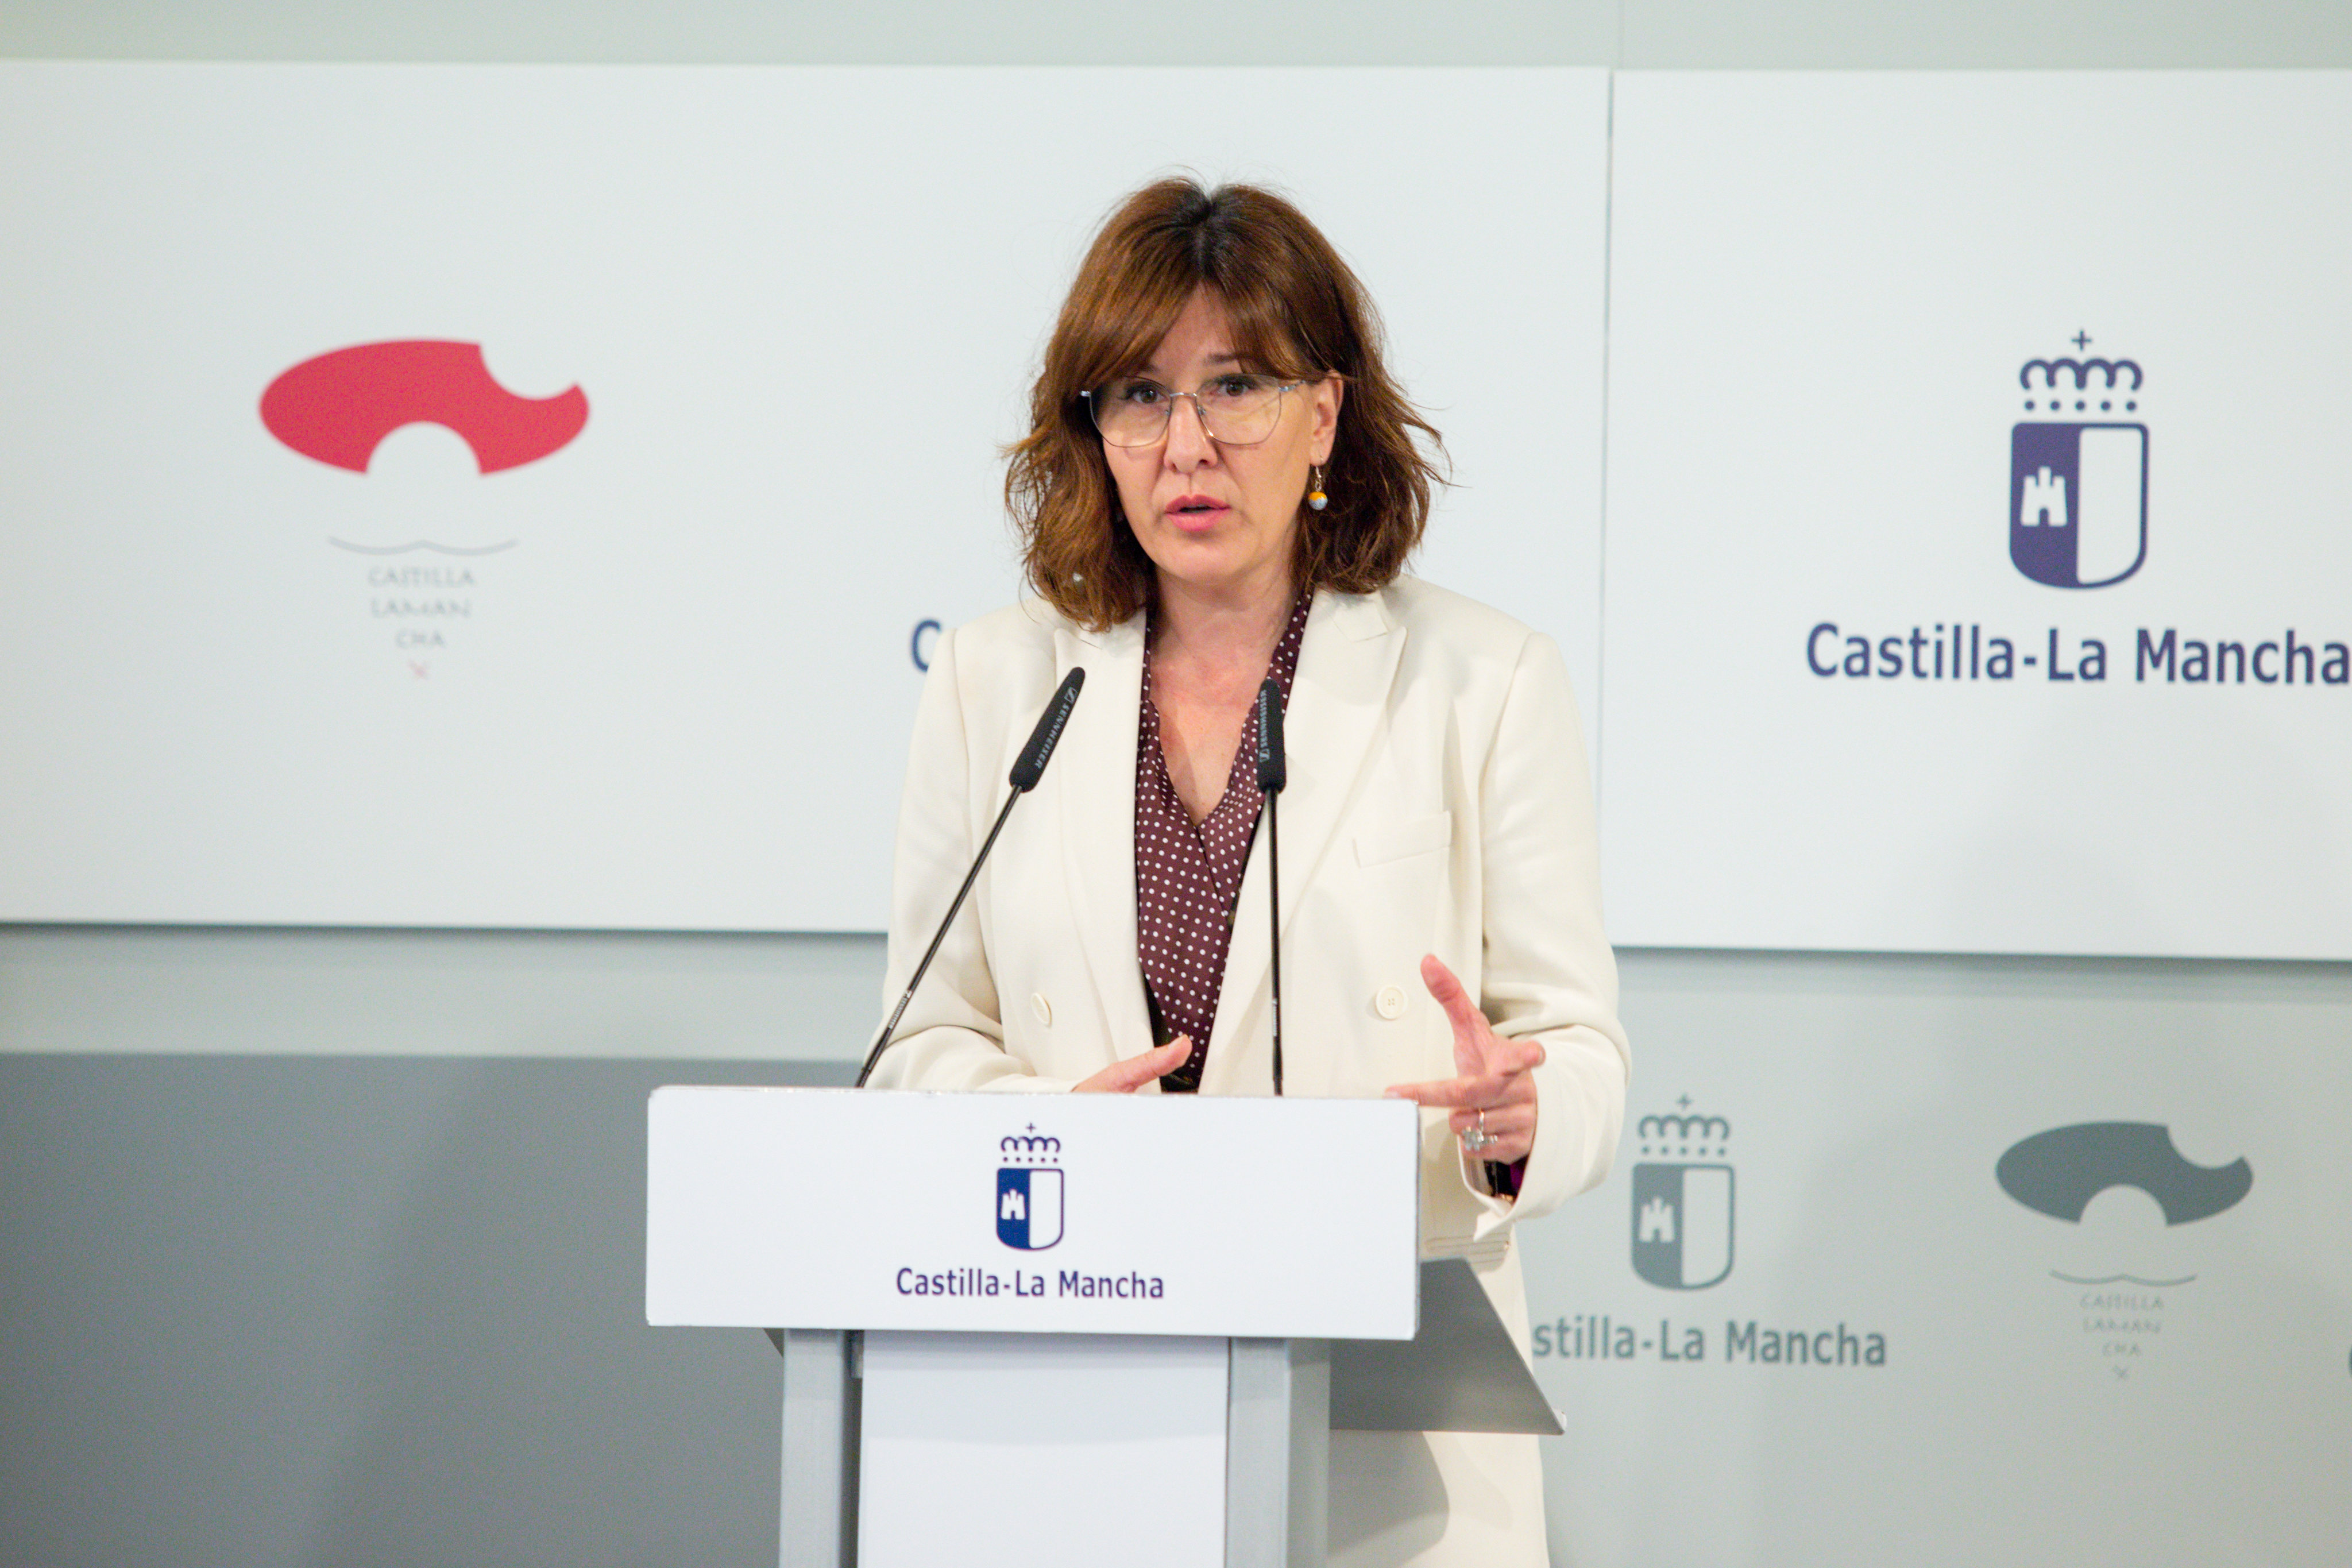 Castilla-La Mancha respalda el posicionamiento del Ministerio de Universidades para afrontar el curso académico hasta su finalización